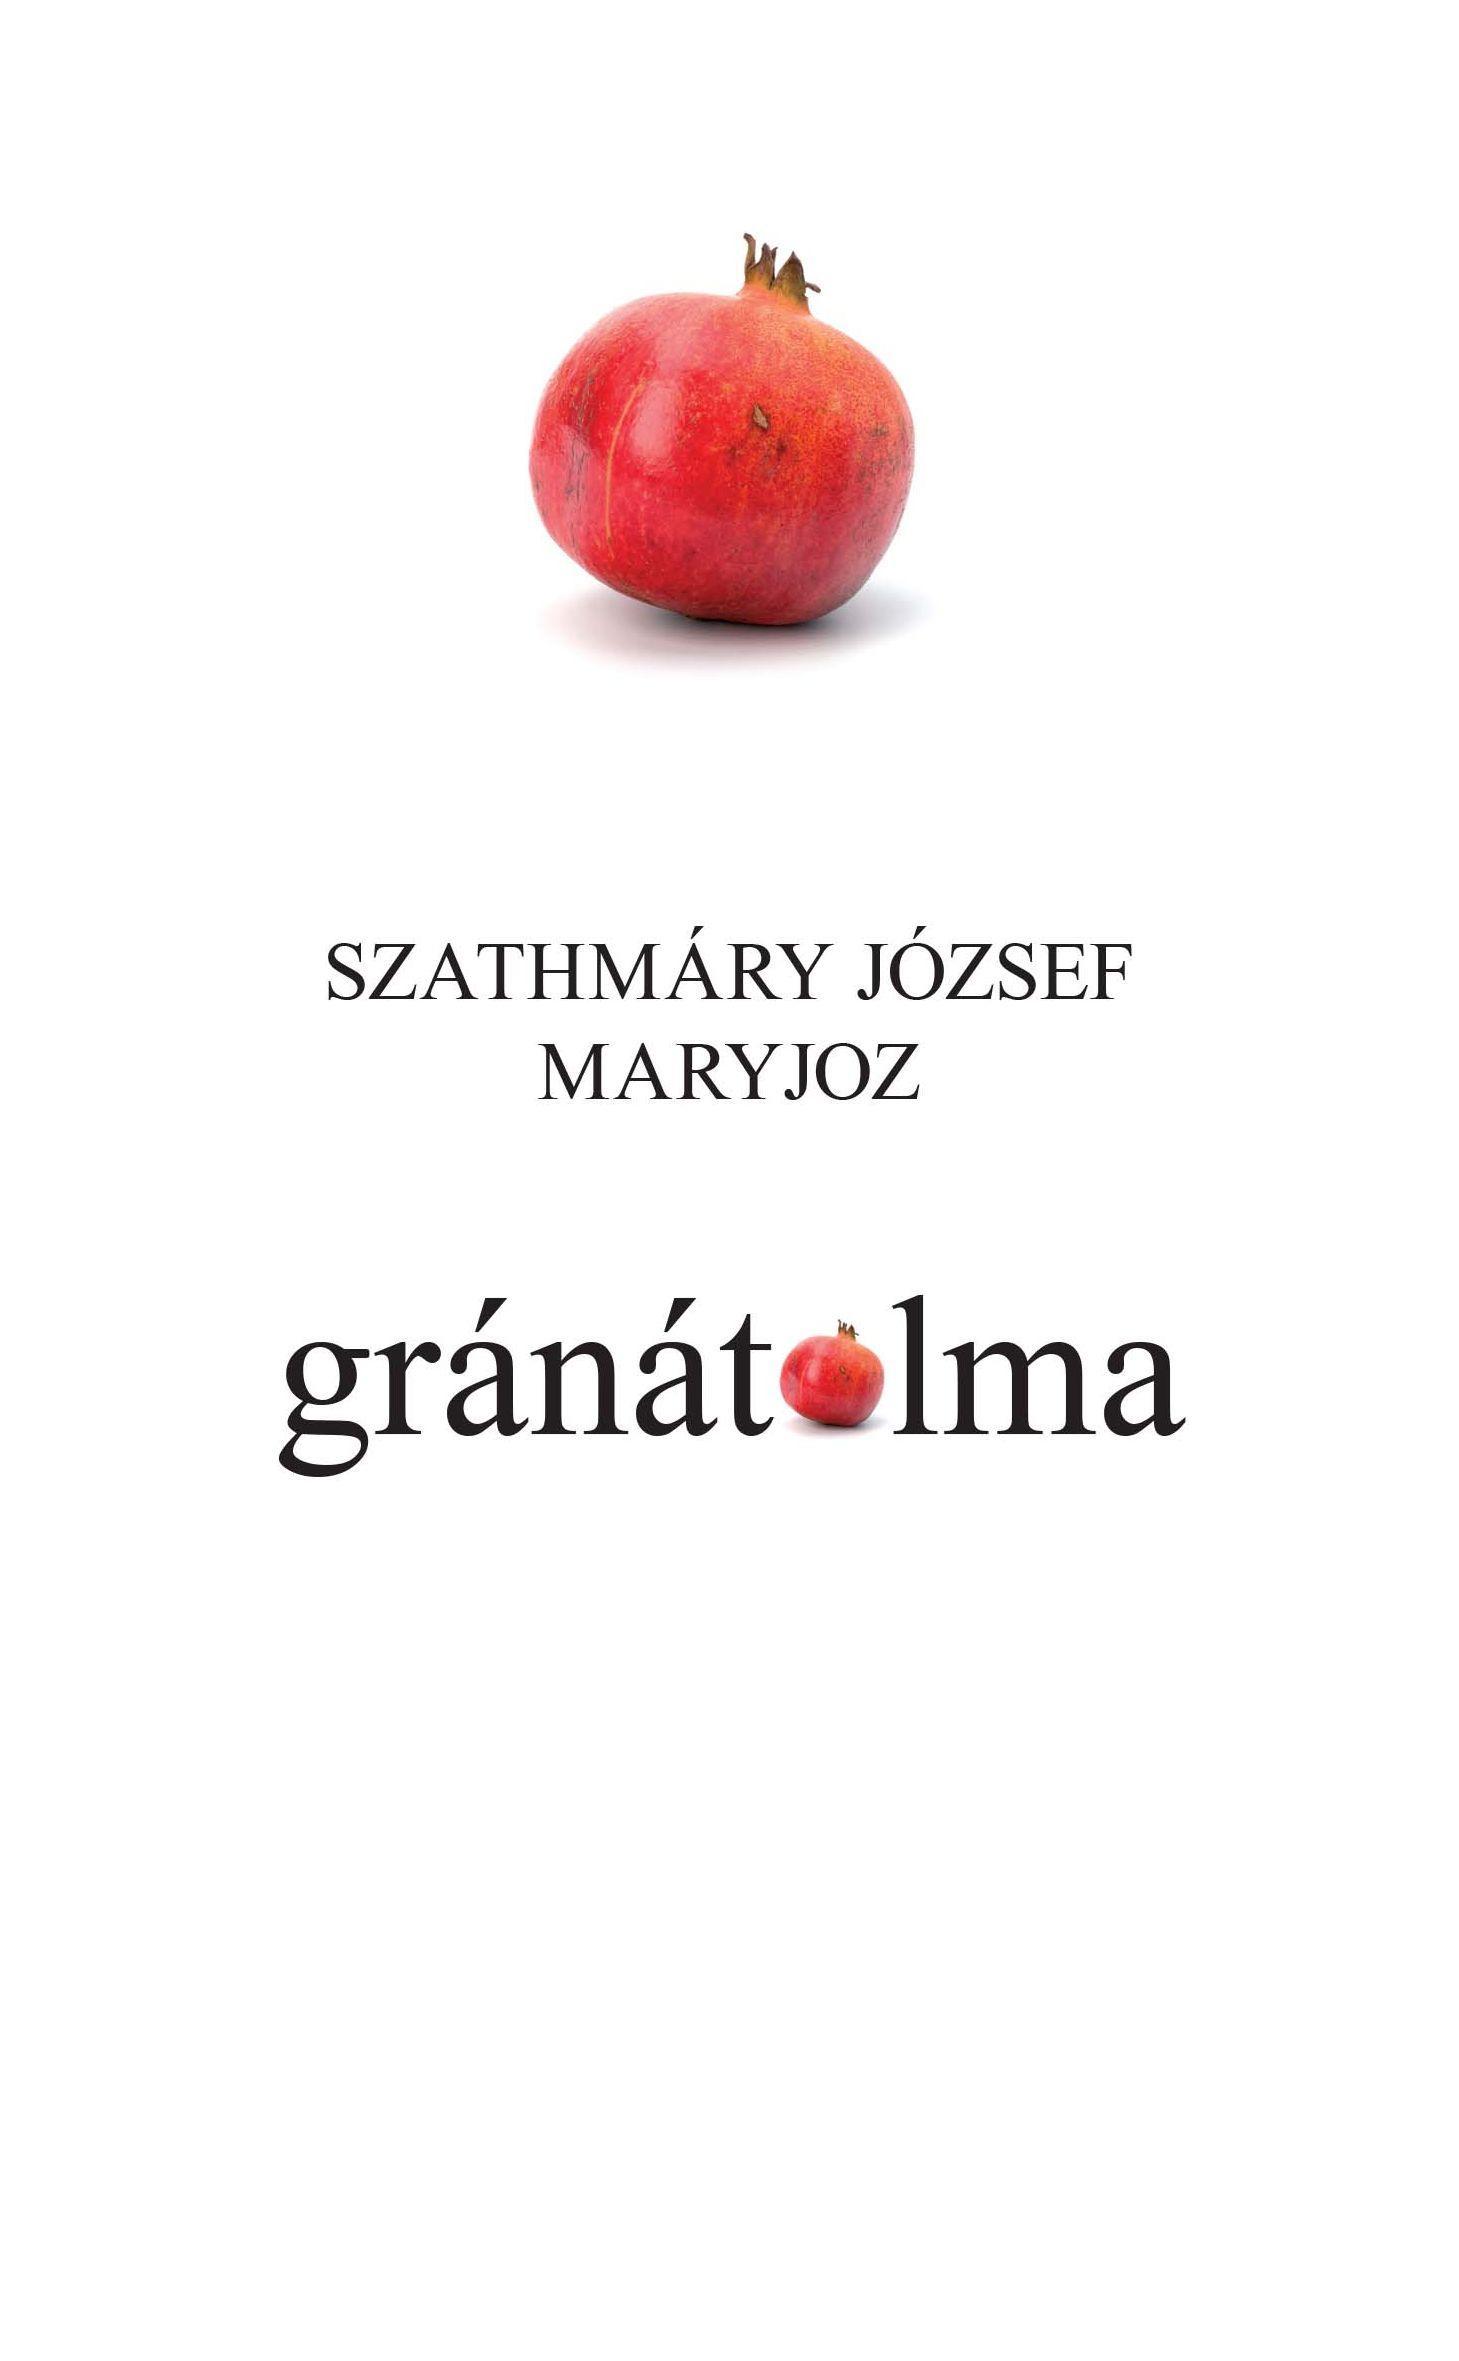 SZATHMÁRY JÓZSEF MARYJOZ - GRÁNÁTALMA